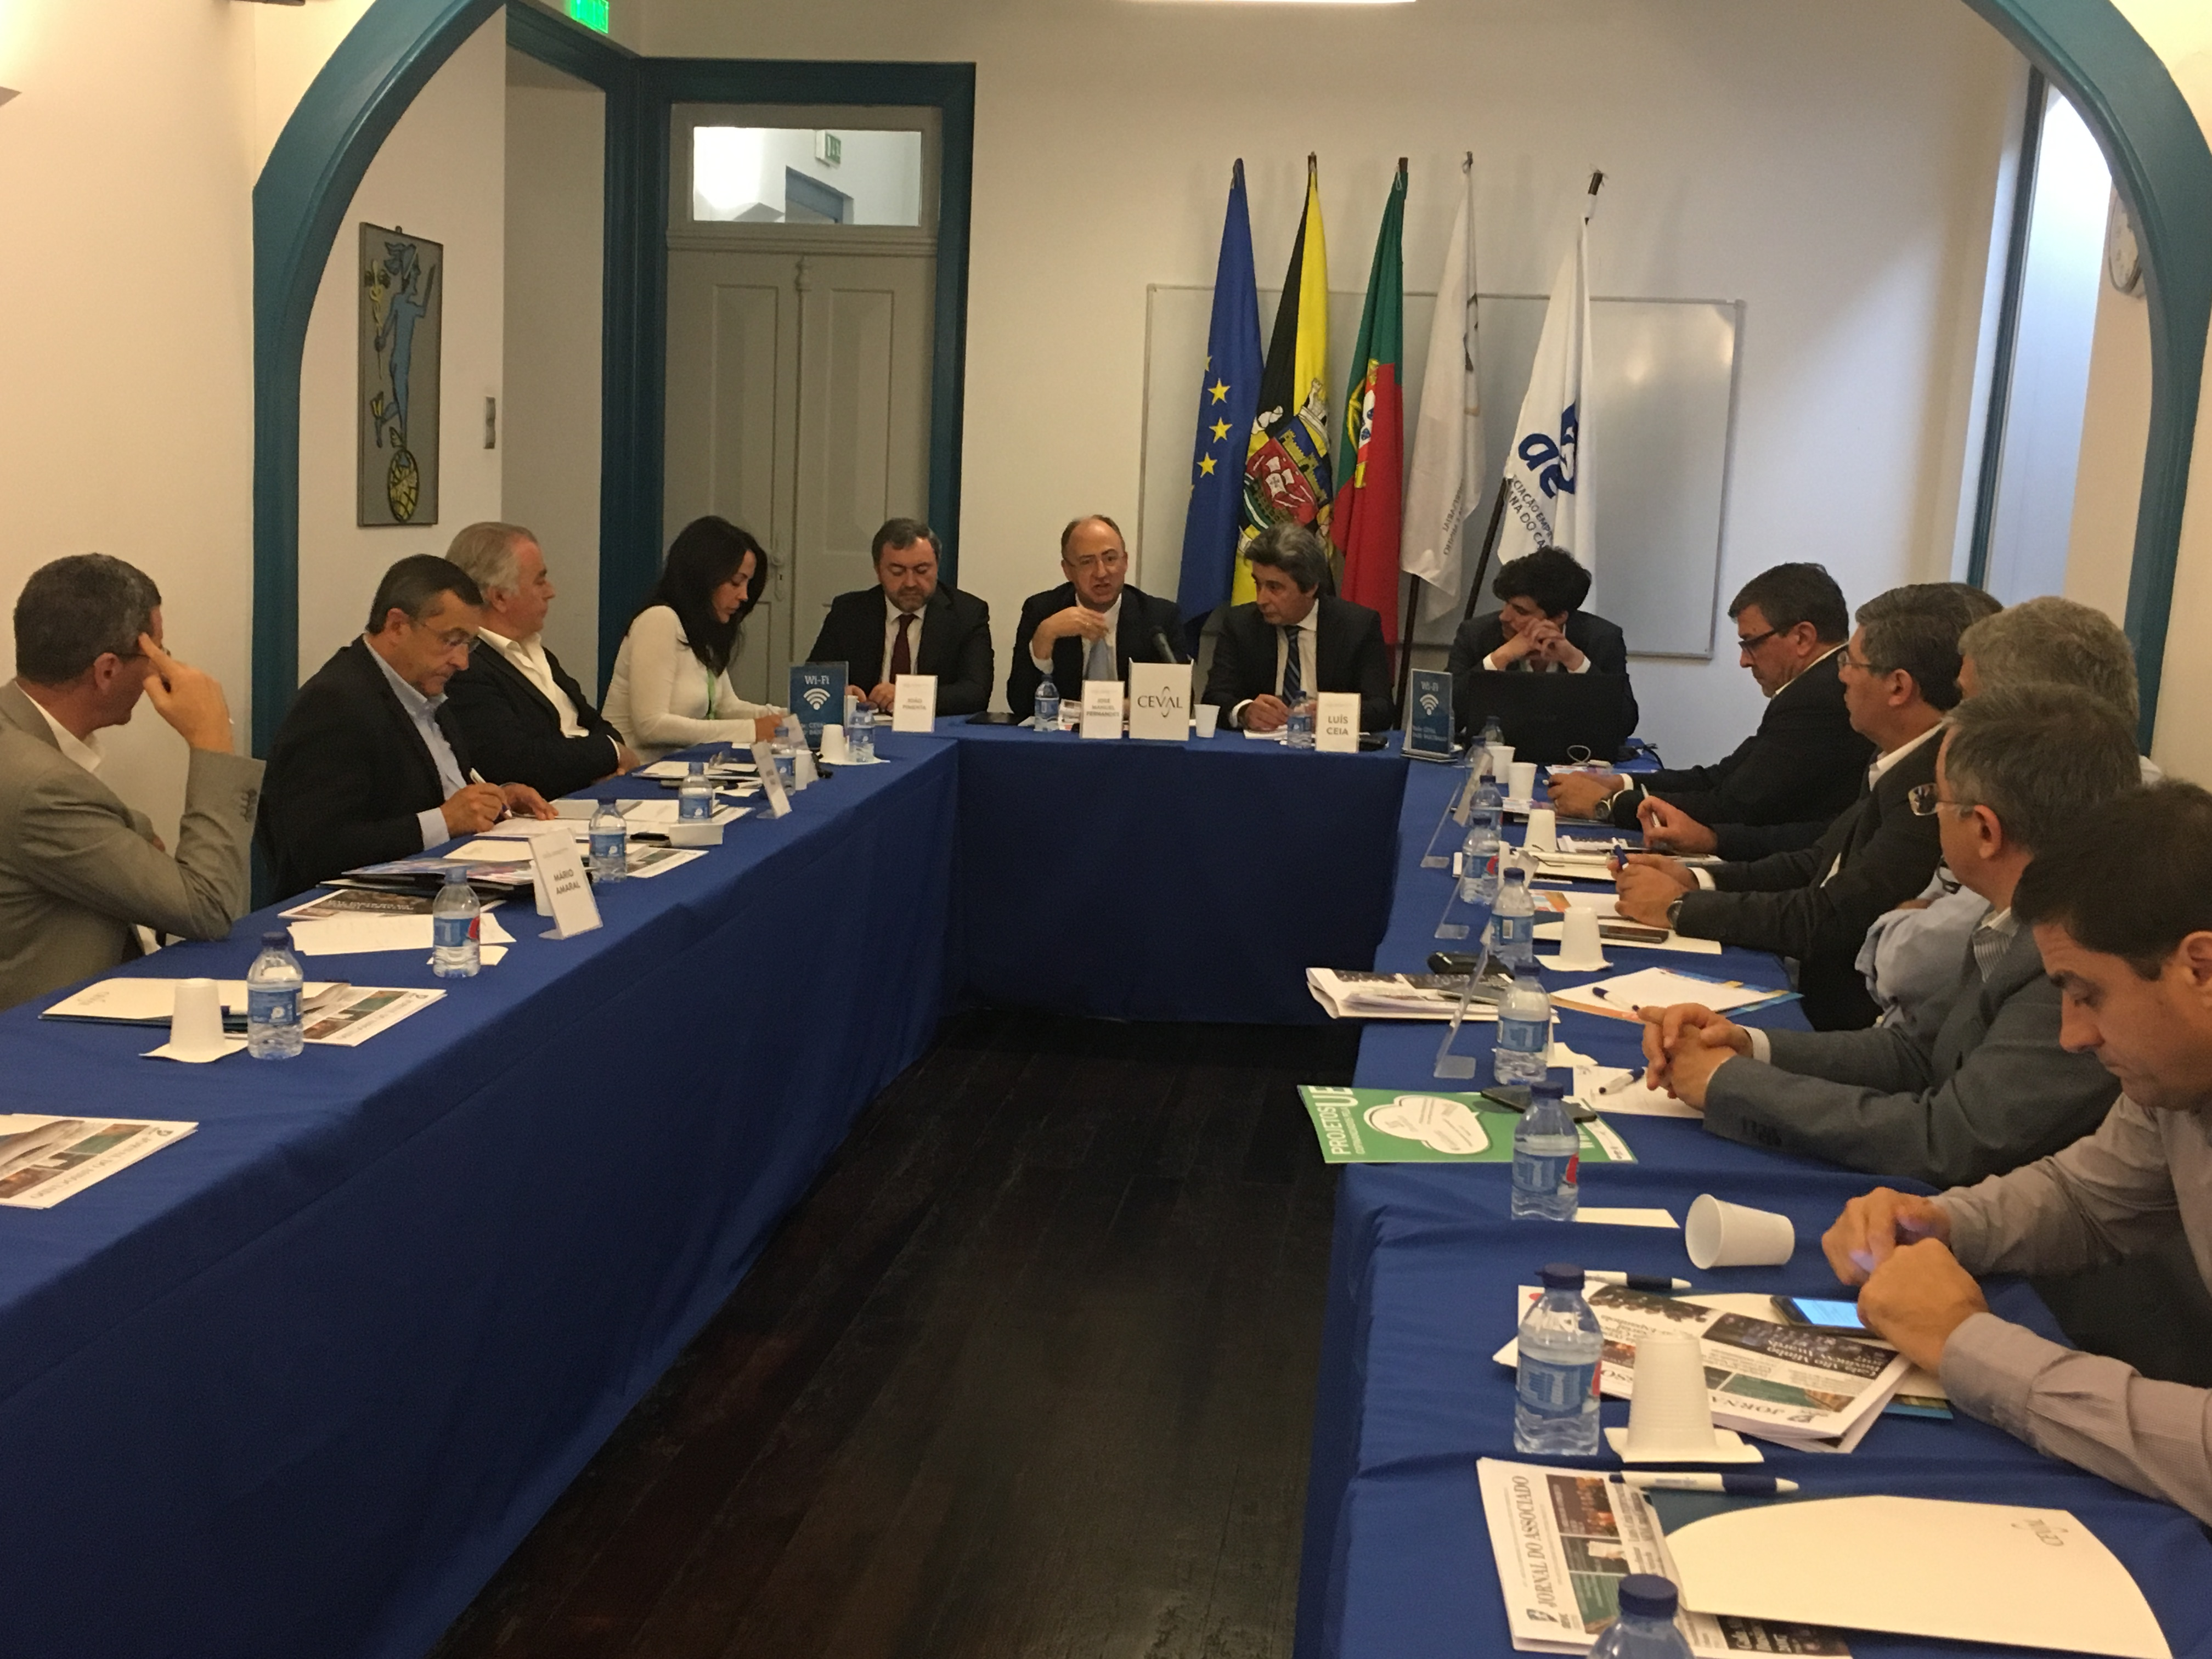 Eurodeputado José Manuel Fernandes presente no Conselho Geral da Ceval